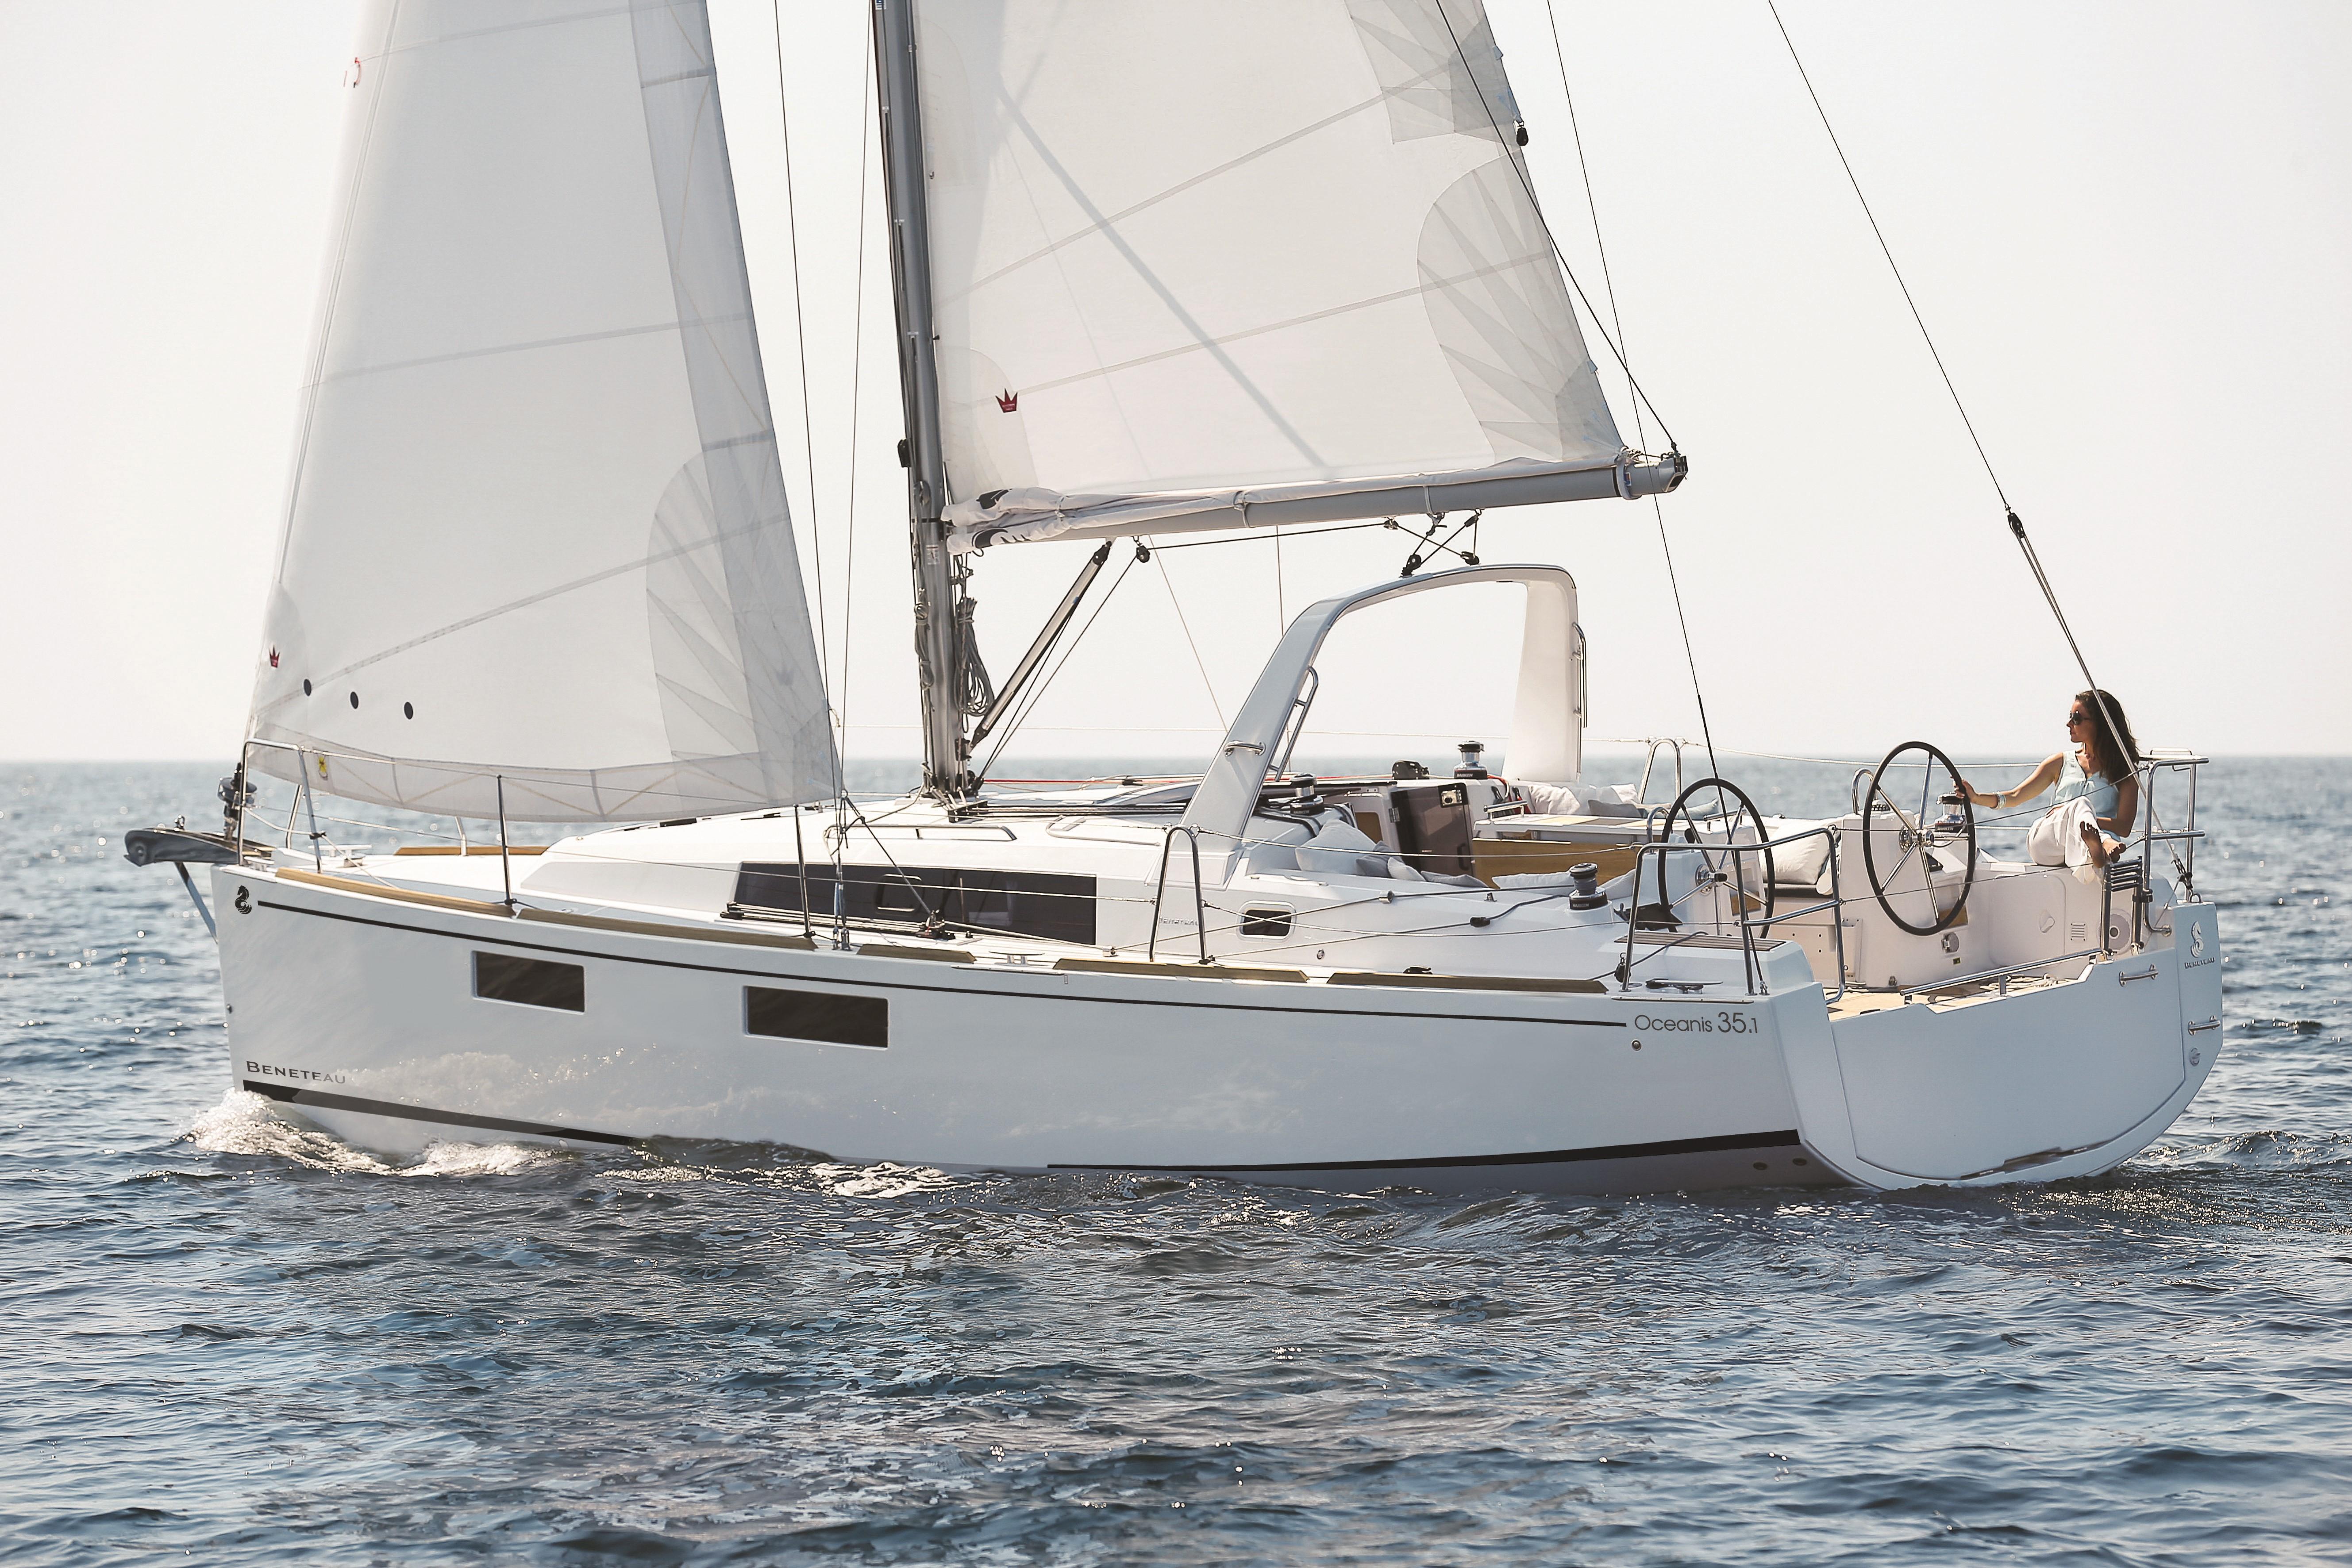 Beneteau Oceanis 35.1 Beneteau Oceanis 35.1 For Sale